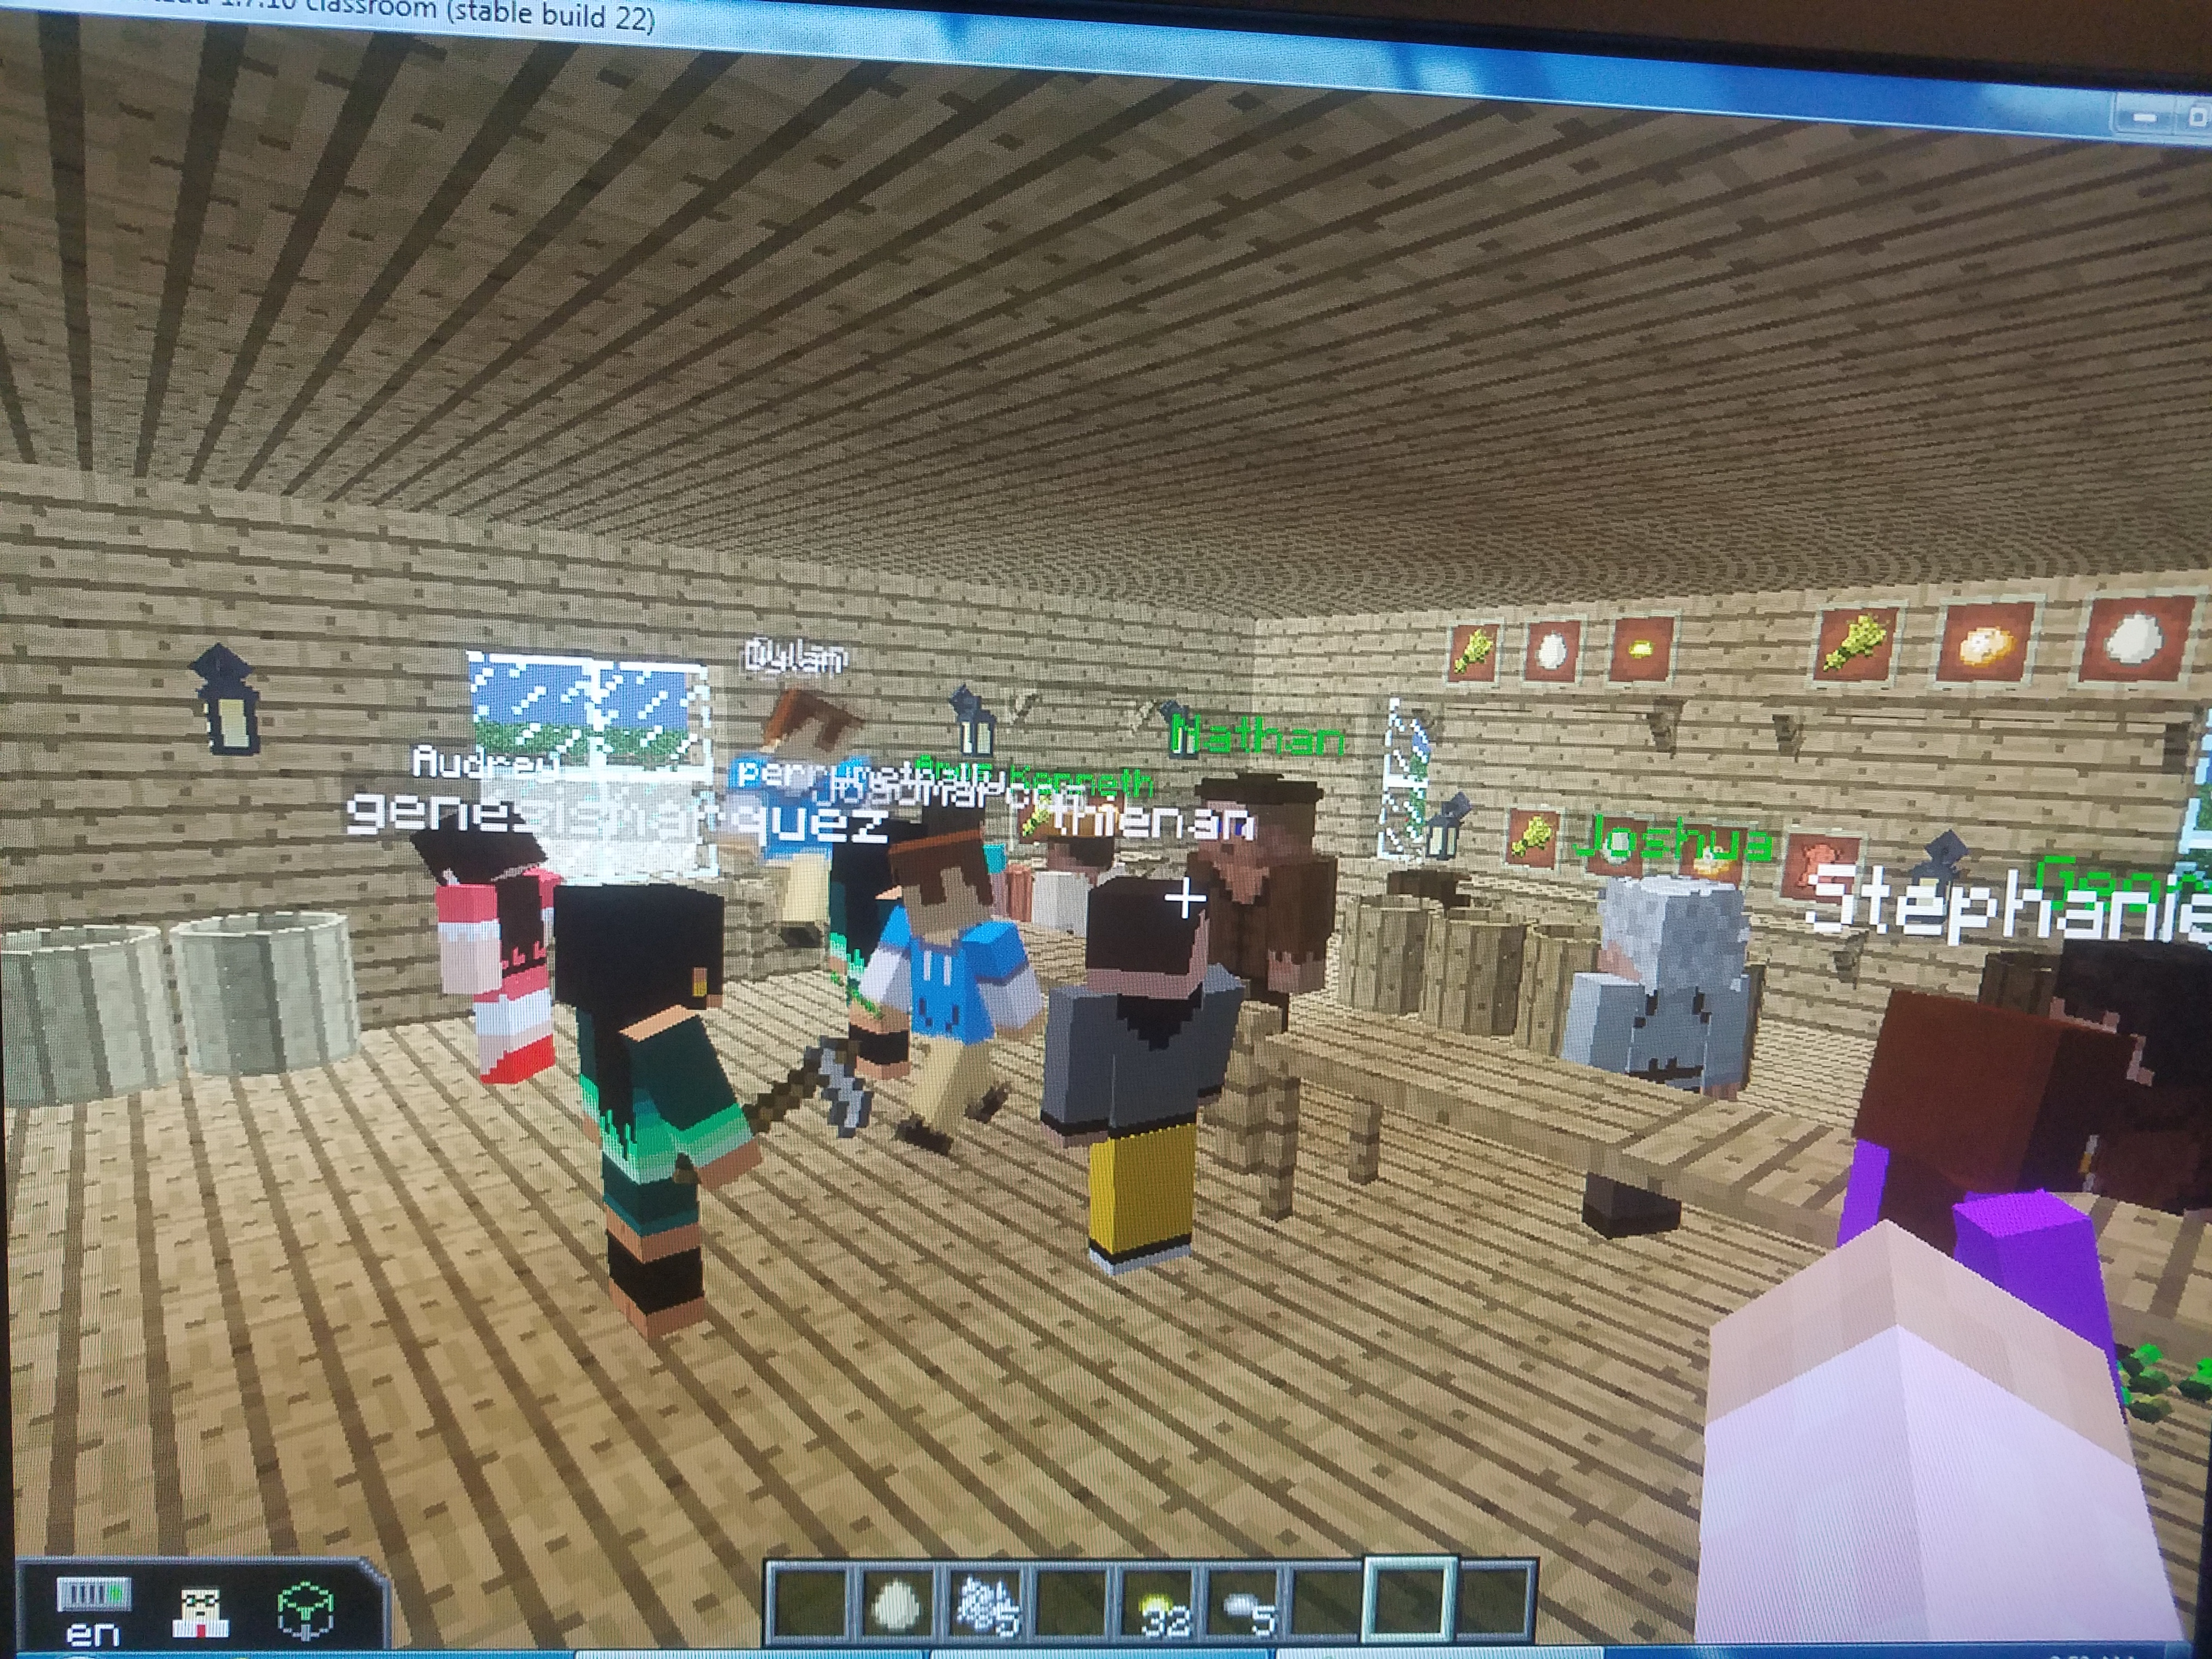 Empresarios meets Minecraft @ RMS